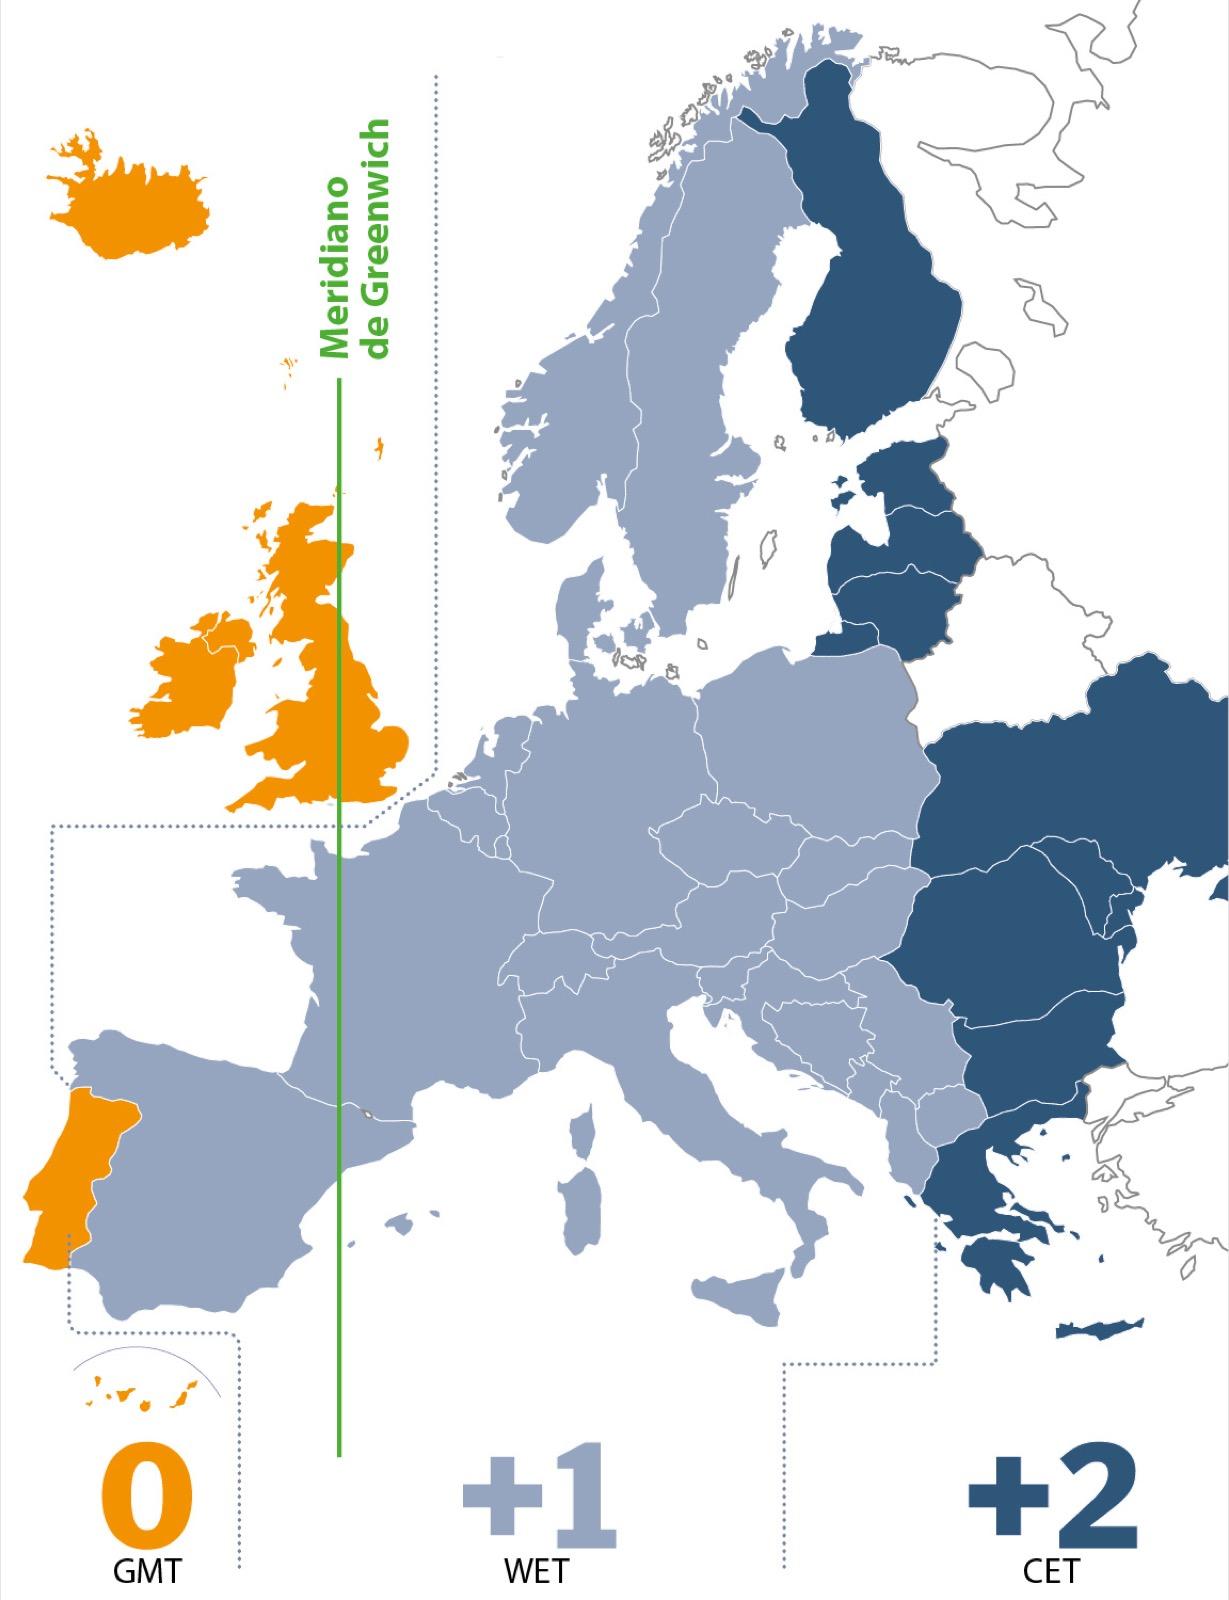 Husos horario europa